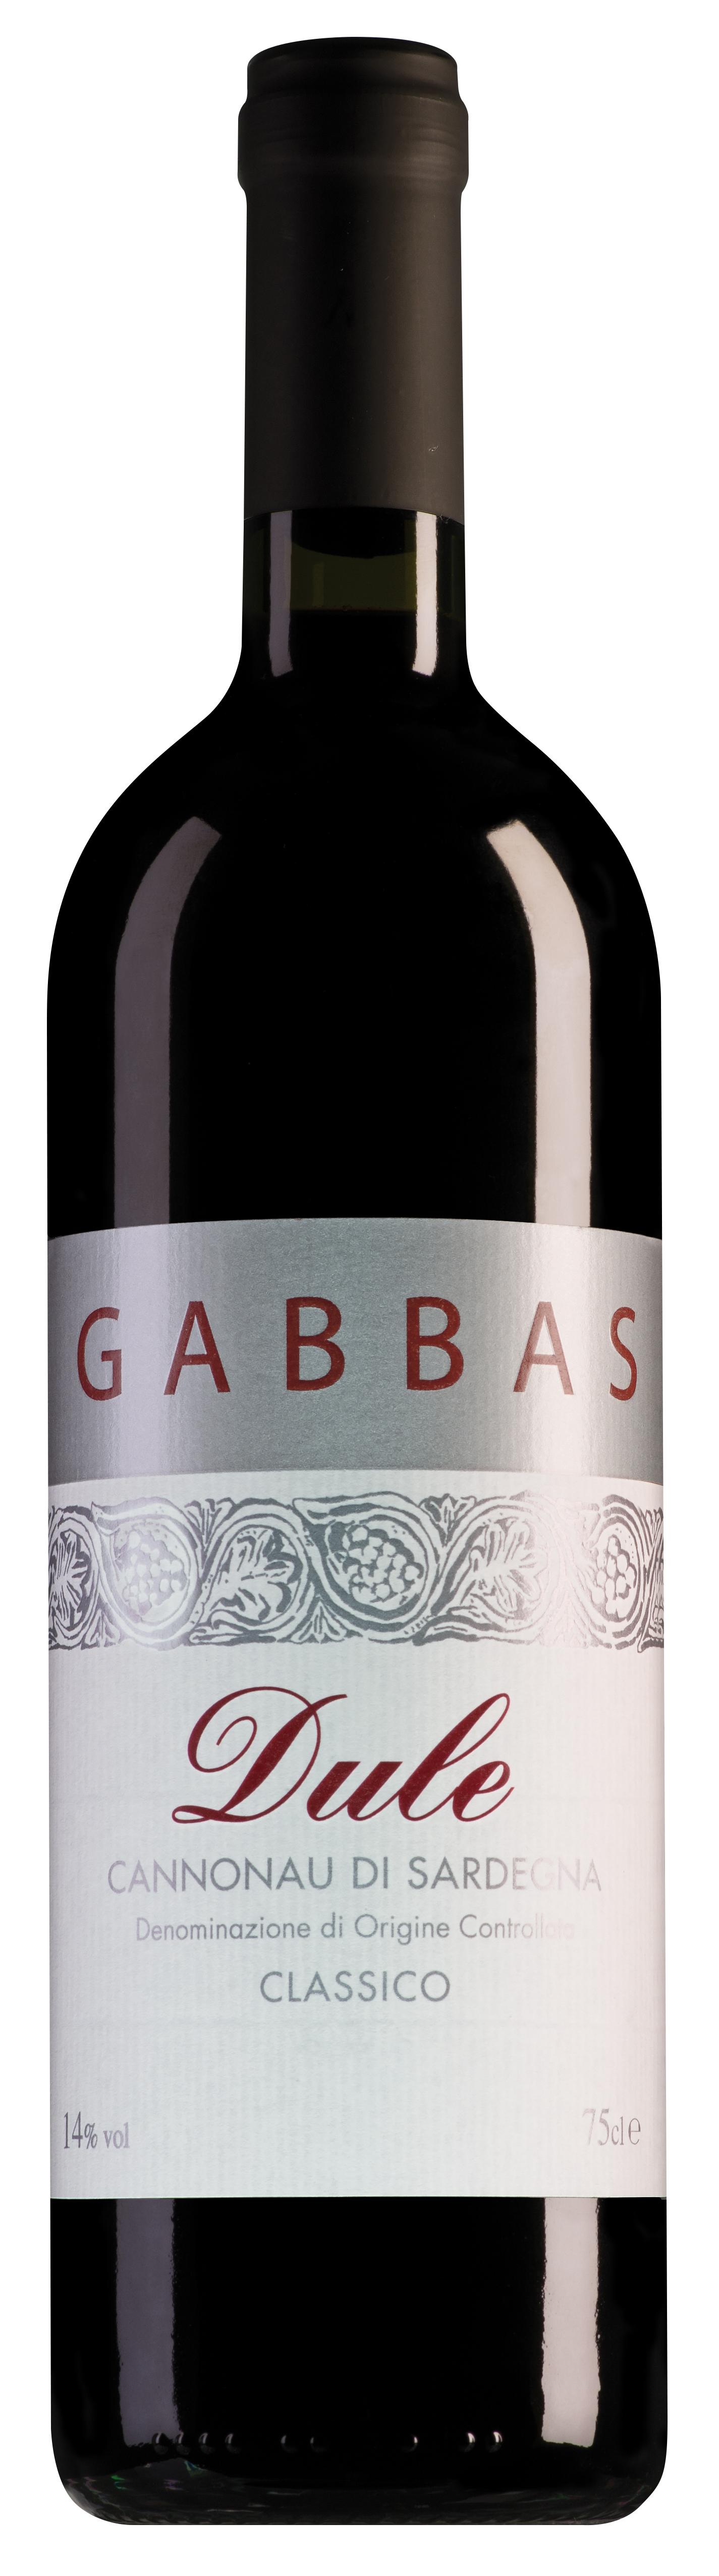 Gabbas Cannonau di Sardegna Dule